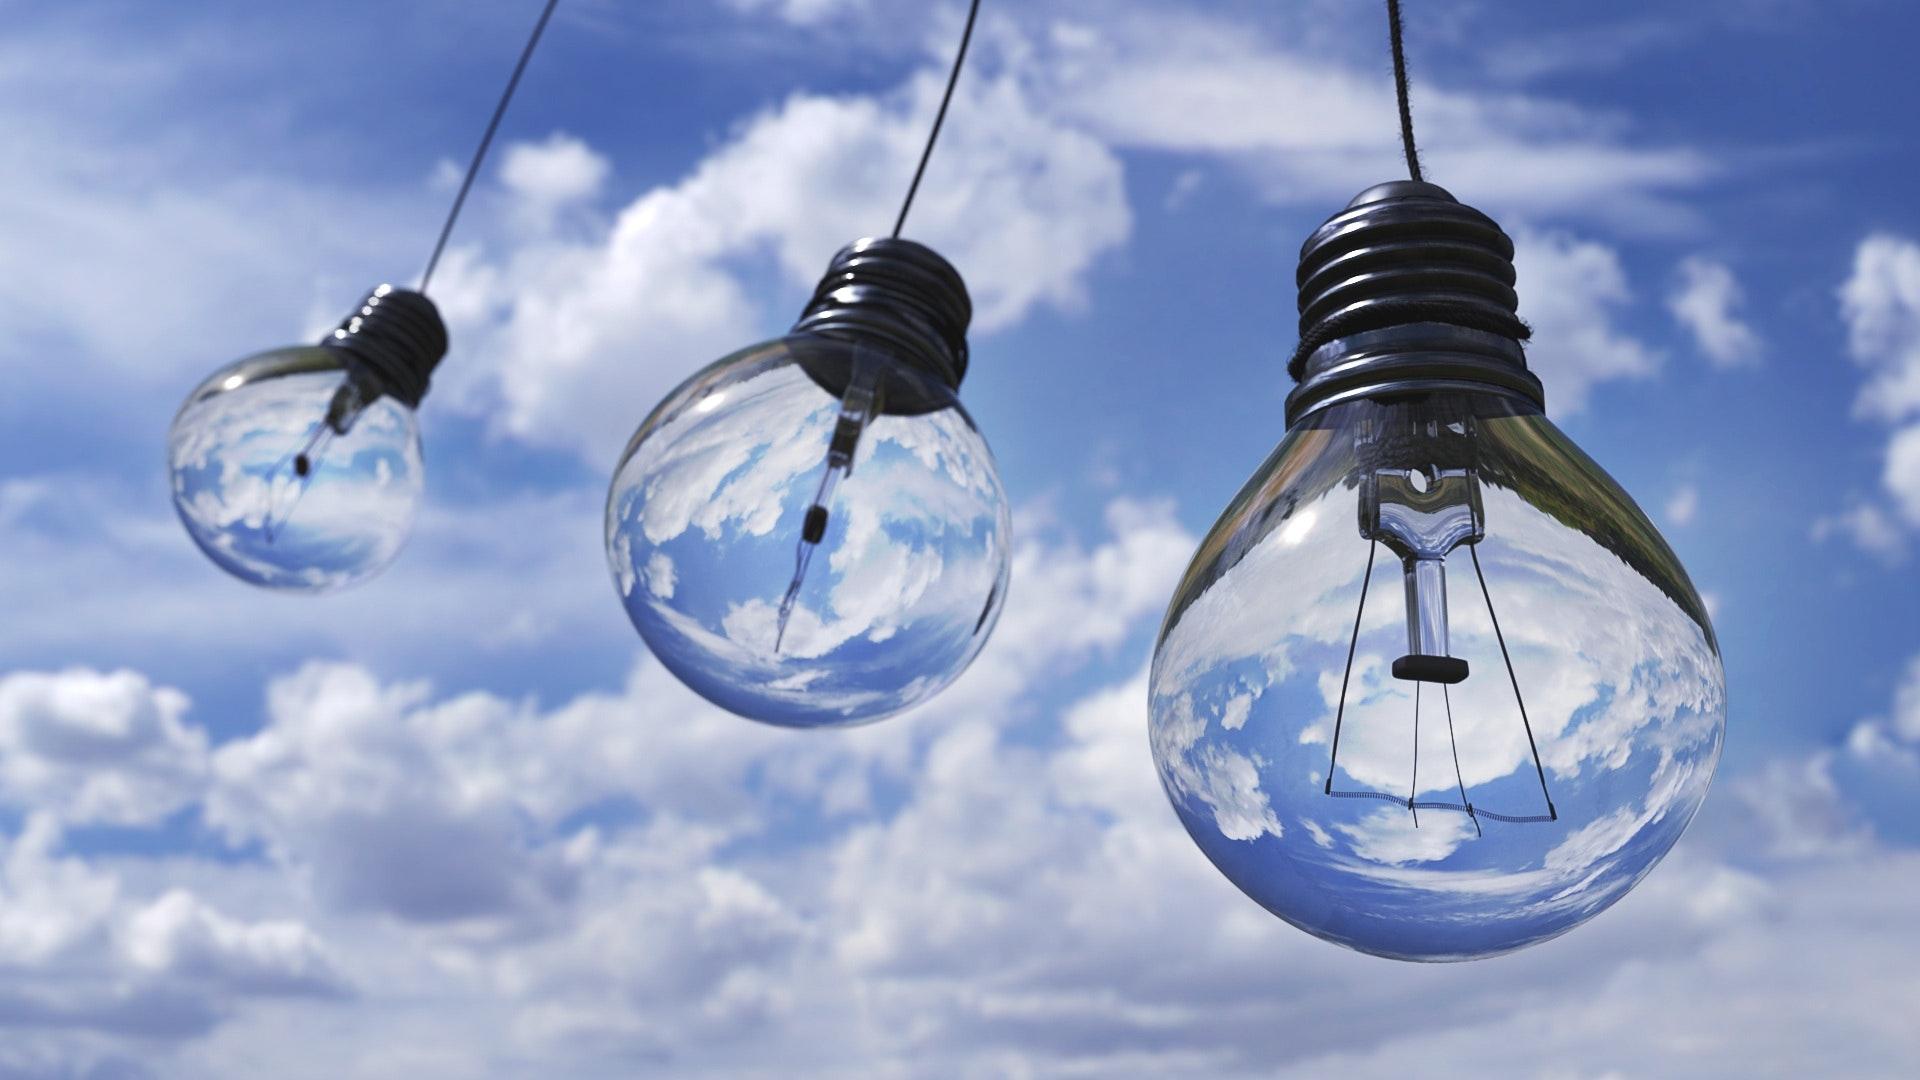 Kan-det-betale-sig-at-spare-på-energien